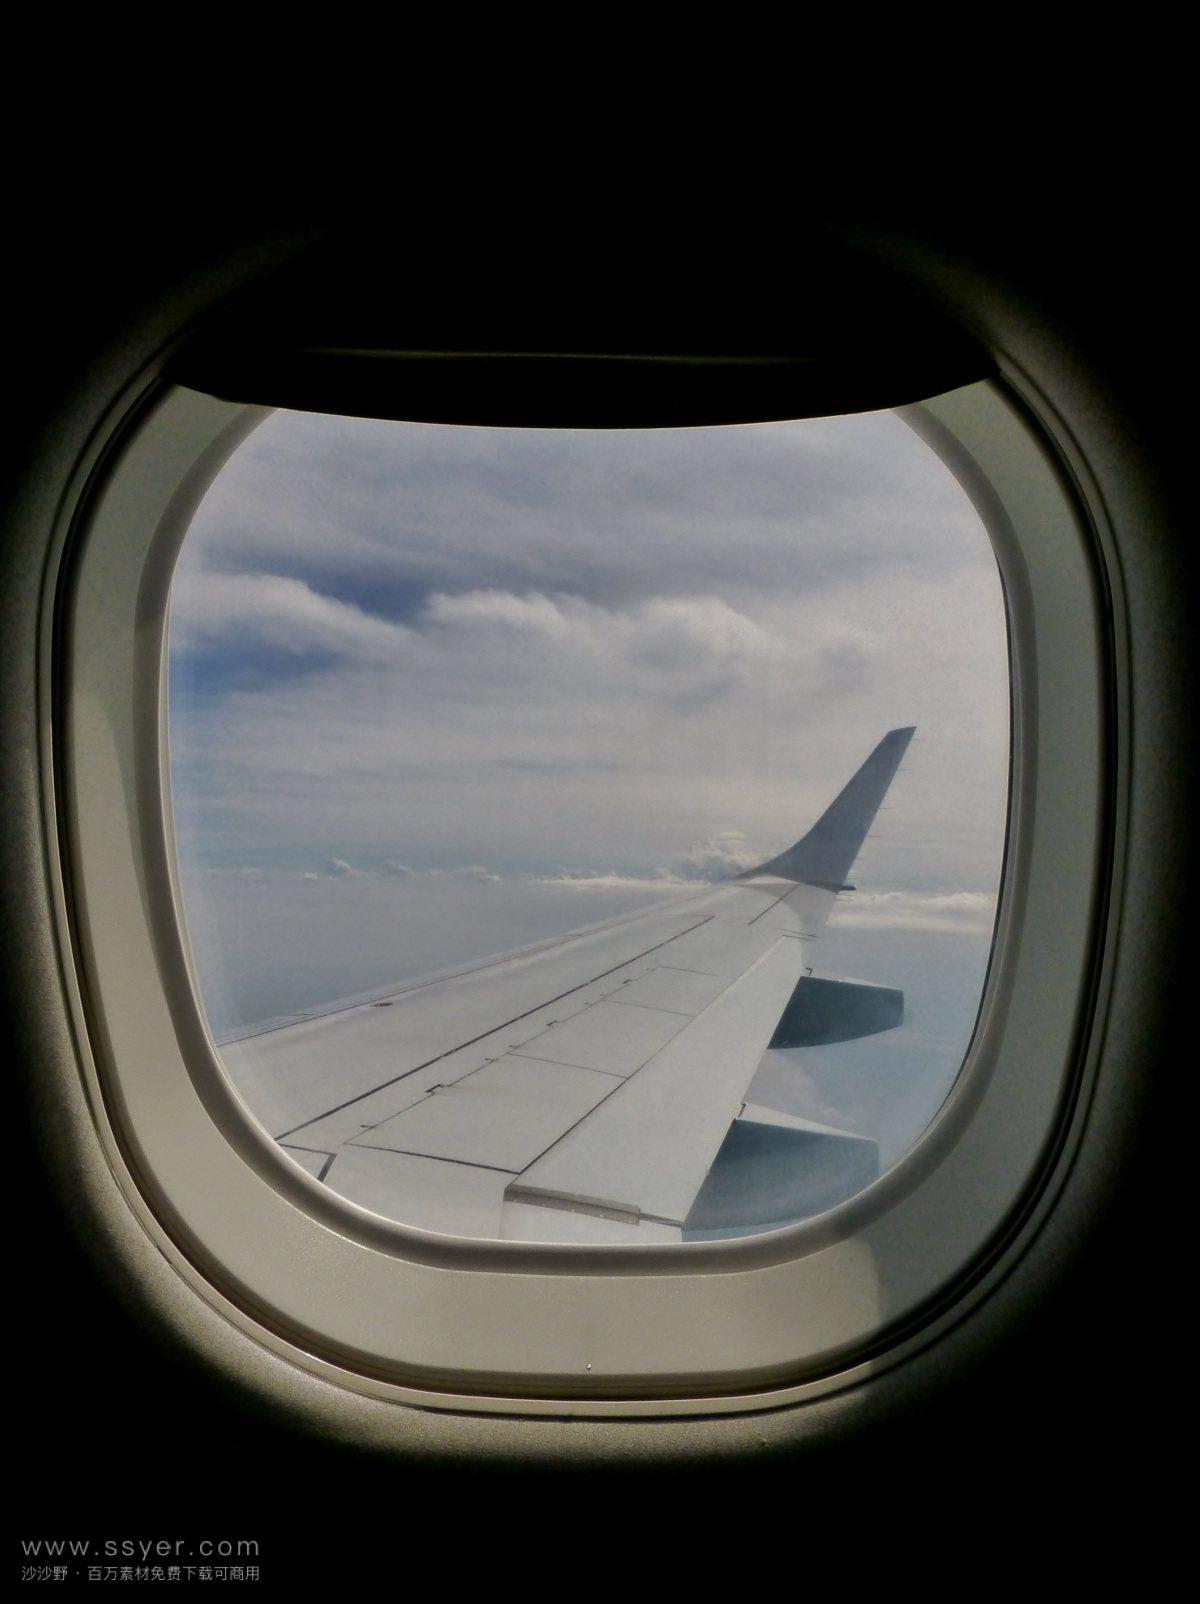 如何避免在飞机上生病:避免病原体的指南